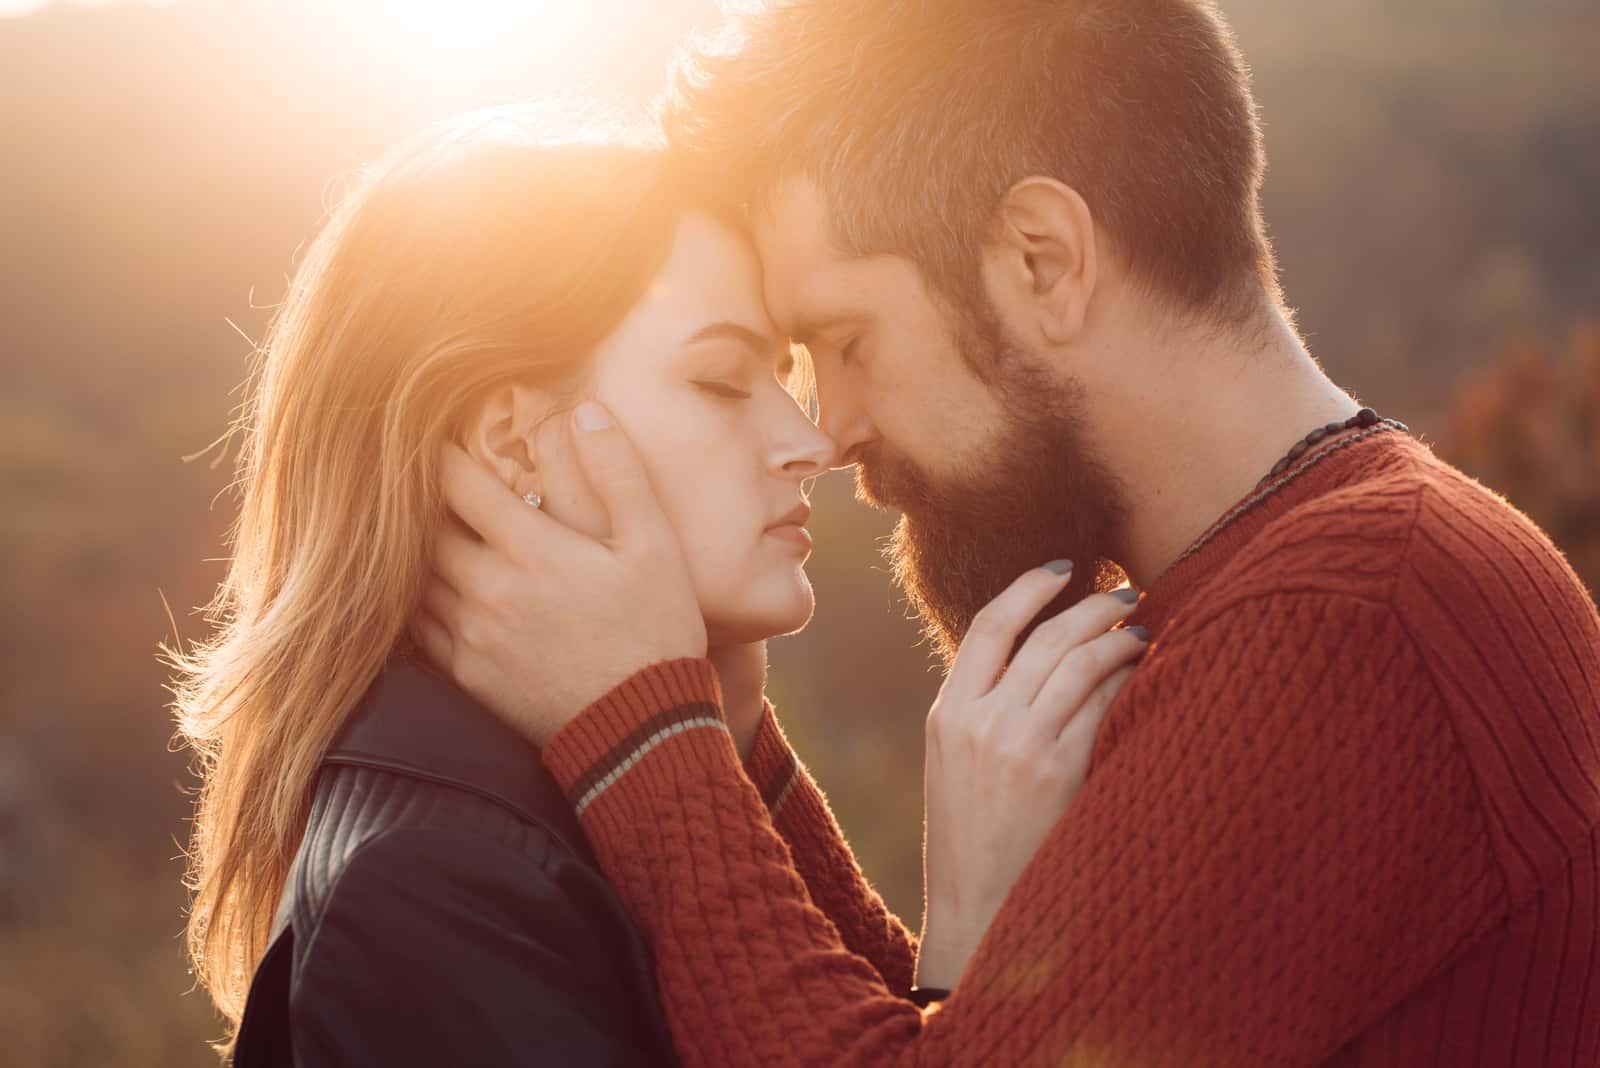 Mannen med skägg håller kvinnans huvud med ömhet